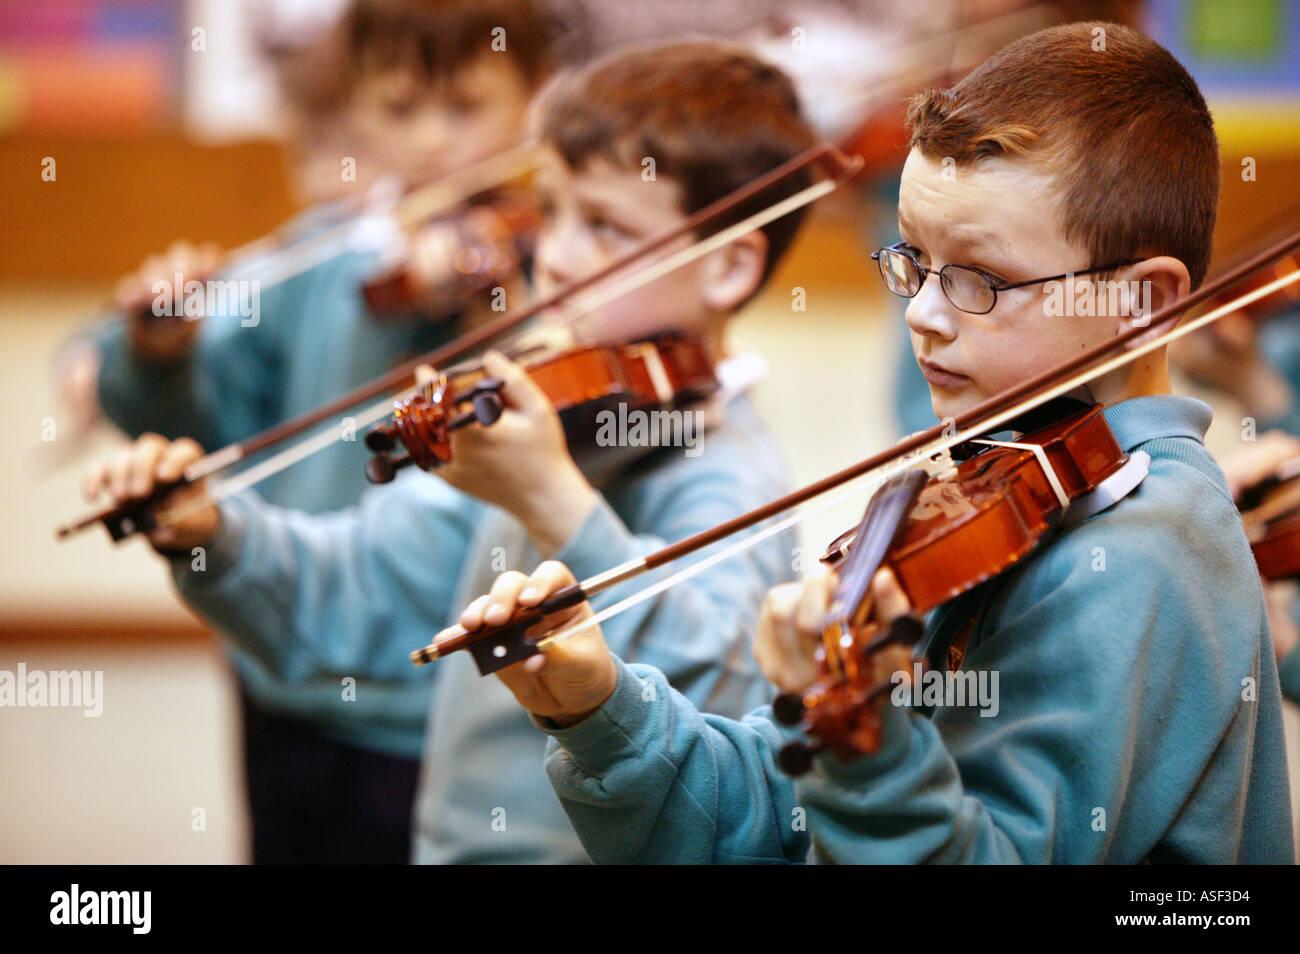 Lecciones de violín para alumnos de 4 años en la escuela primaria San Lorenzo en Ludlow Shropshire UK Abril 2004 Imagen De Stock